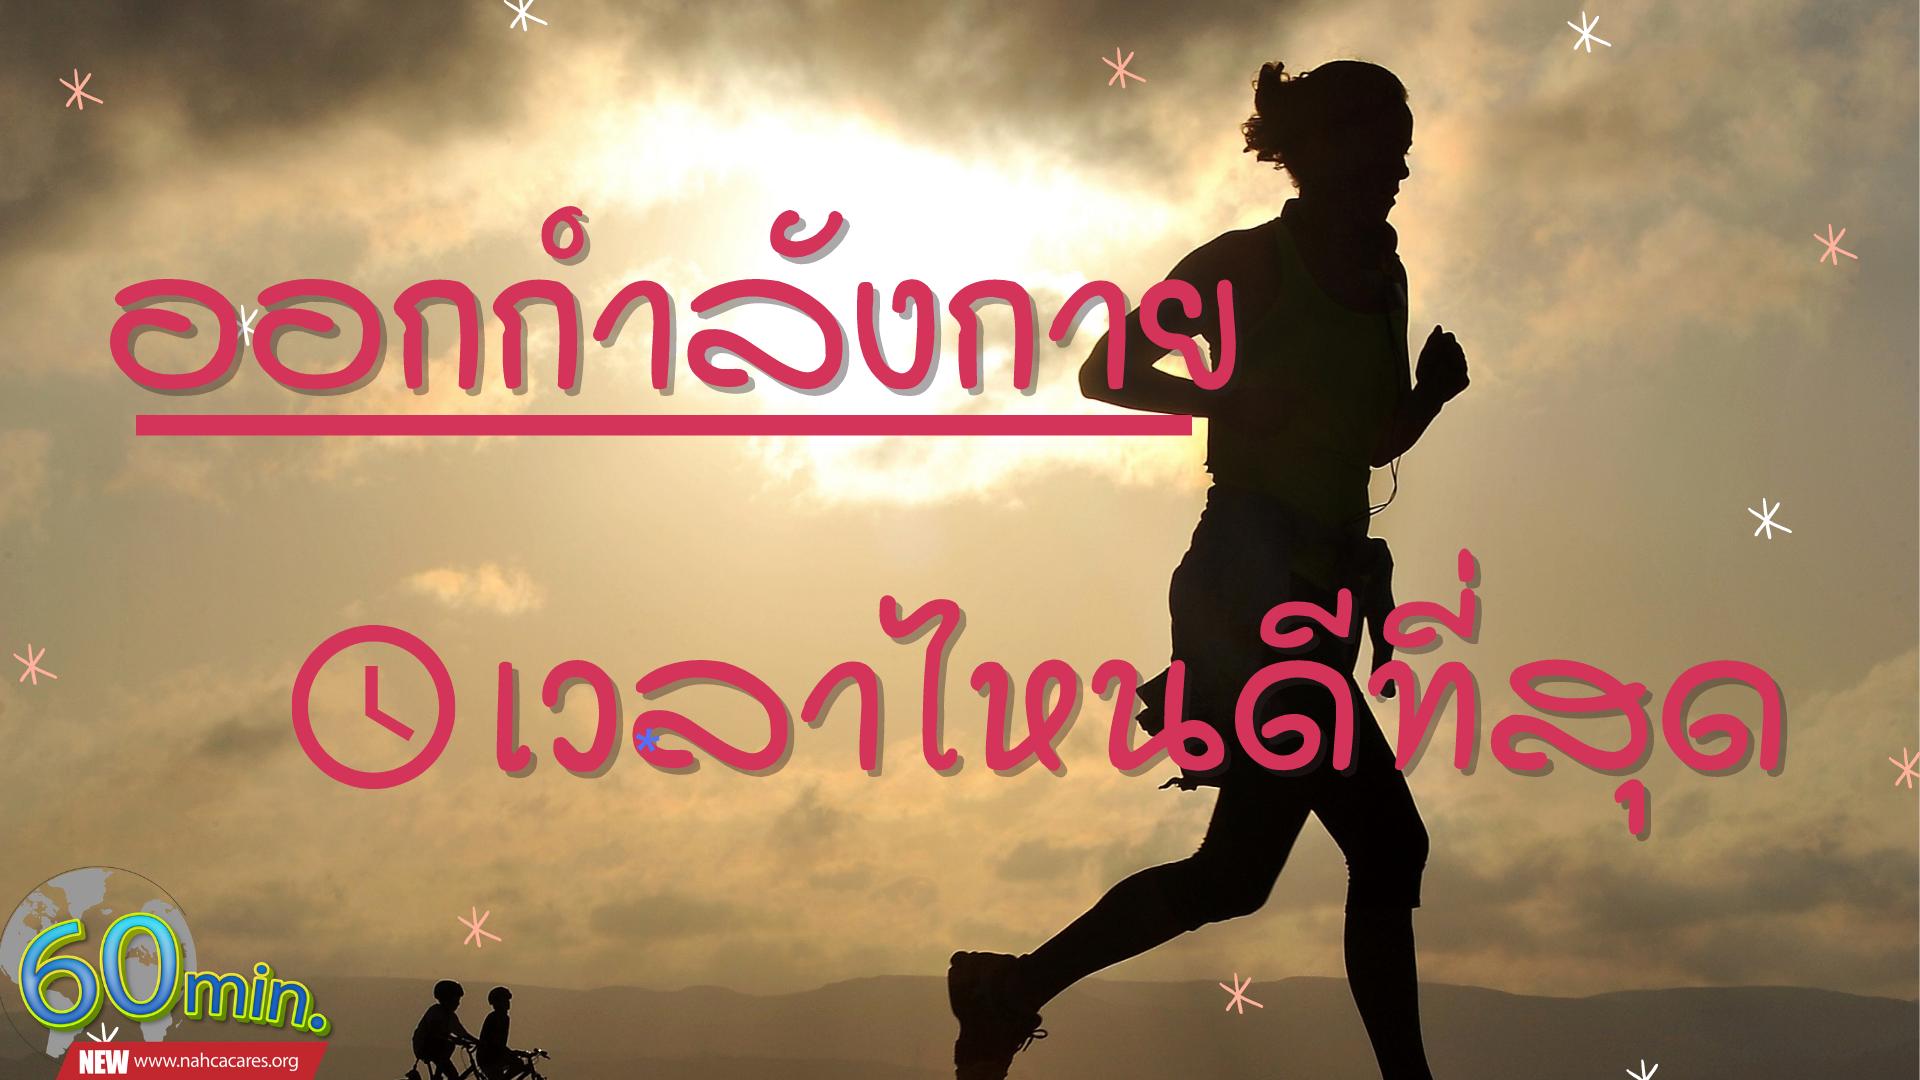 ออกกำลังกายเวลาไหนดีที่สุด